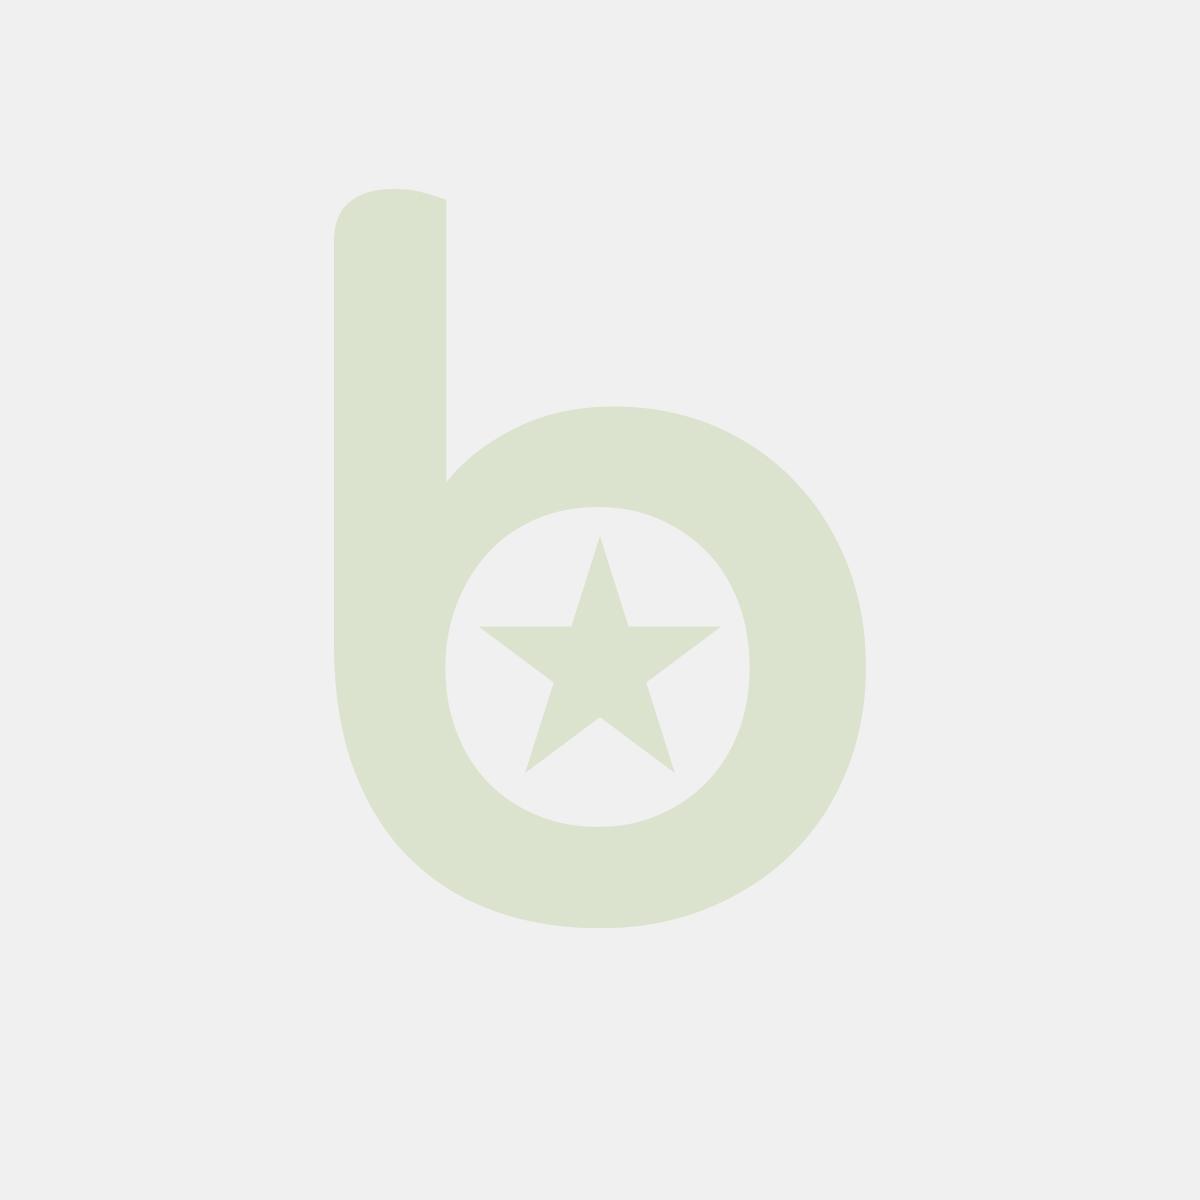 Nalewak Chromowany - Zestaw 3 Szt. Zestaw 3 Szt.